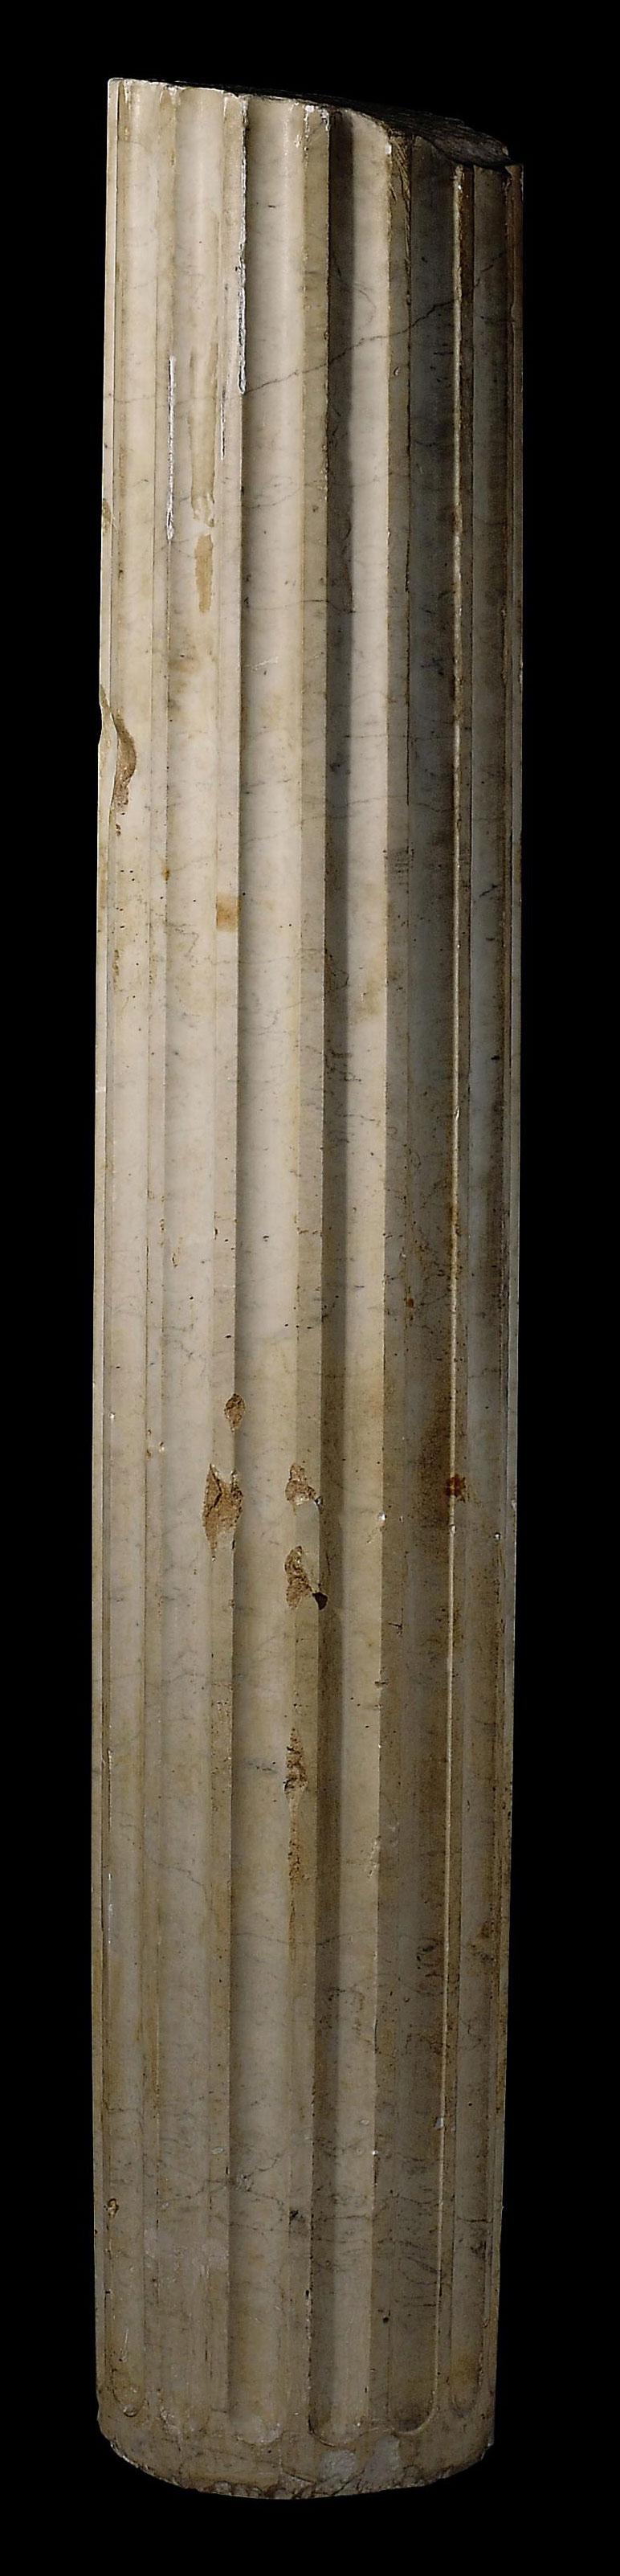 A ROMAN MARBLE COLUMN